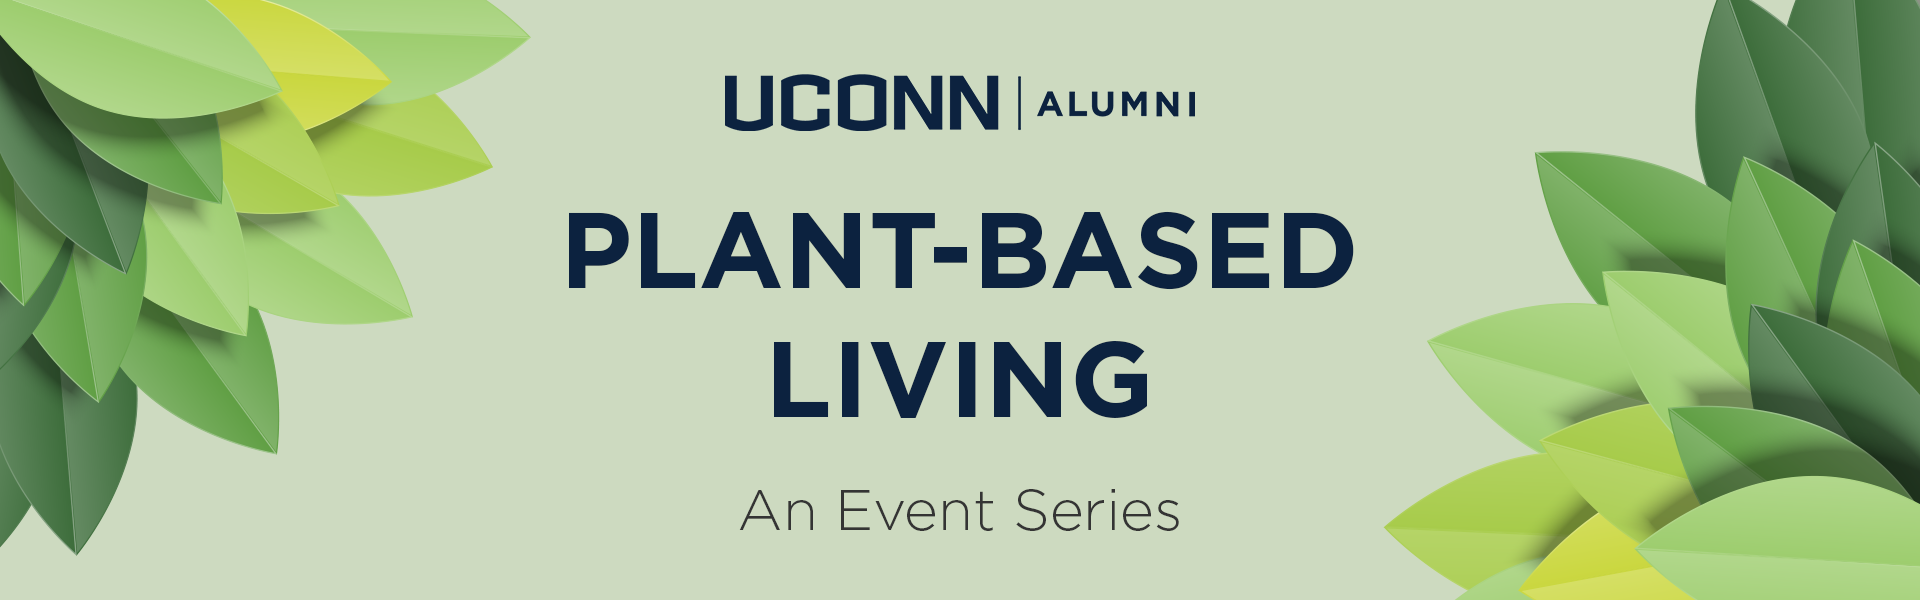 UConn Alumni Plant Based Living Series